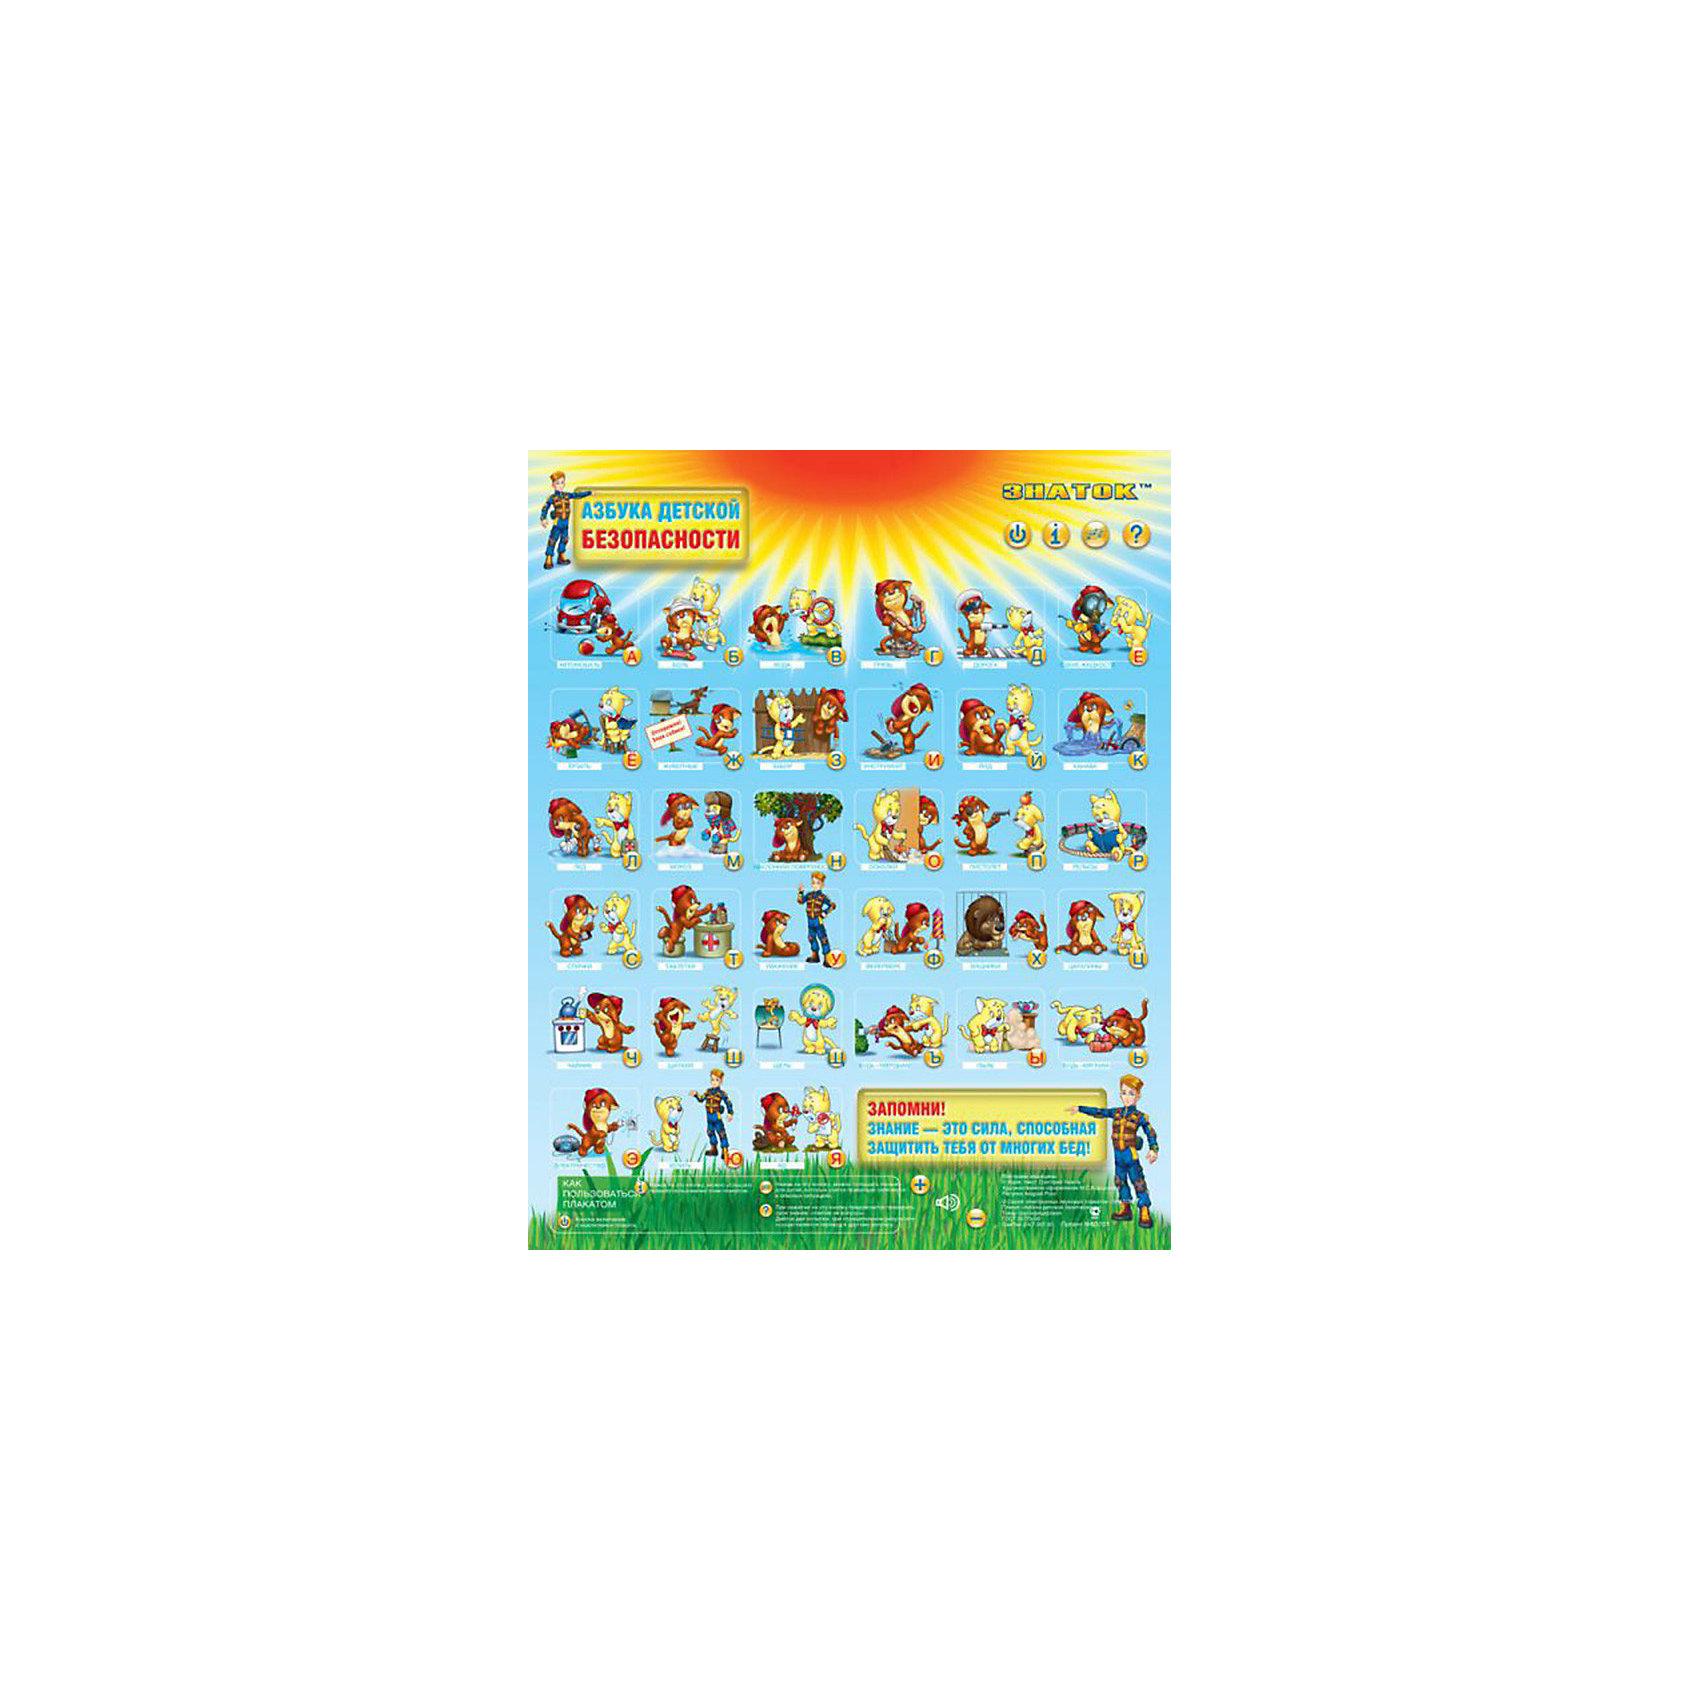 Электронный звуковой плакат Азбука Детской БезопасностиЭлектронные плакаты<br>Электронный звуковой плакат Азбука Детской Безопасности, Знаток<br><br>Характеристики:<br><br>• поможет ребенку выучить буквы<br>• научит правильному поведению в опасных ситуациях<br>• 3 режима<br>• регулируемая громкость<br>• сенсорные кнопки<br>• материал: пластик, ПВХ<br>• размер упаковки: 49,5х23х4 см<br>• размер плаката: 47х58 см<br>• батарейки: ААА - 3 шт. (входят в комплект)<br>• вес: 410 грамм<br><br>Азбука детской Безопасности - звуковой плакат от торговой марки Знаток. С его помощью ребенок сможет выучить буквы и научится правильно вести себя в опасных ситуациях. После нажатия на кнопку, ребенок услышит веселую песенку, рассказывающую о правильном поведении. Свои знания можно закрепить при помощи экзамена. На каждом вопросе у малыша будет 2 попытки правильного ответа. Плакат отключается автоматически и имеет регулируемую громкость. Узнав правила безопасности, ребенок с легкостью справится с трудностями!<br><br>Электронный звуковой плакат Азбука Детской Безопасности, Знаток можно купить в нашем интернет-магазине.<br><br>Ширина мм: 230<br>Глубина мм: 40<br>Высота мм: 485<br>Вес г: 500<br>Возраст от месяцев: 36<br>Возраст до месяцев: 1188<br>Пол: Унисекс<br>Возраст: Детский<br>SKU: 2403147